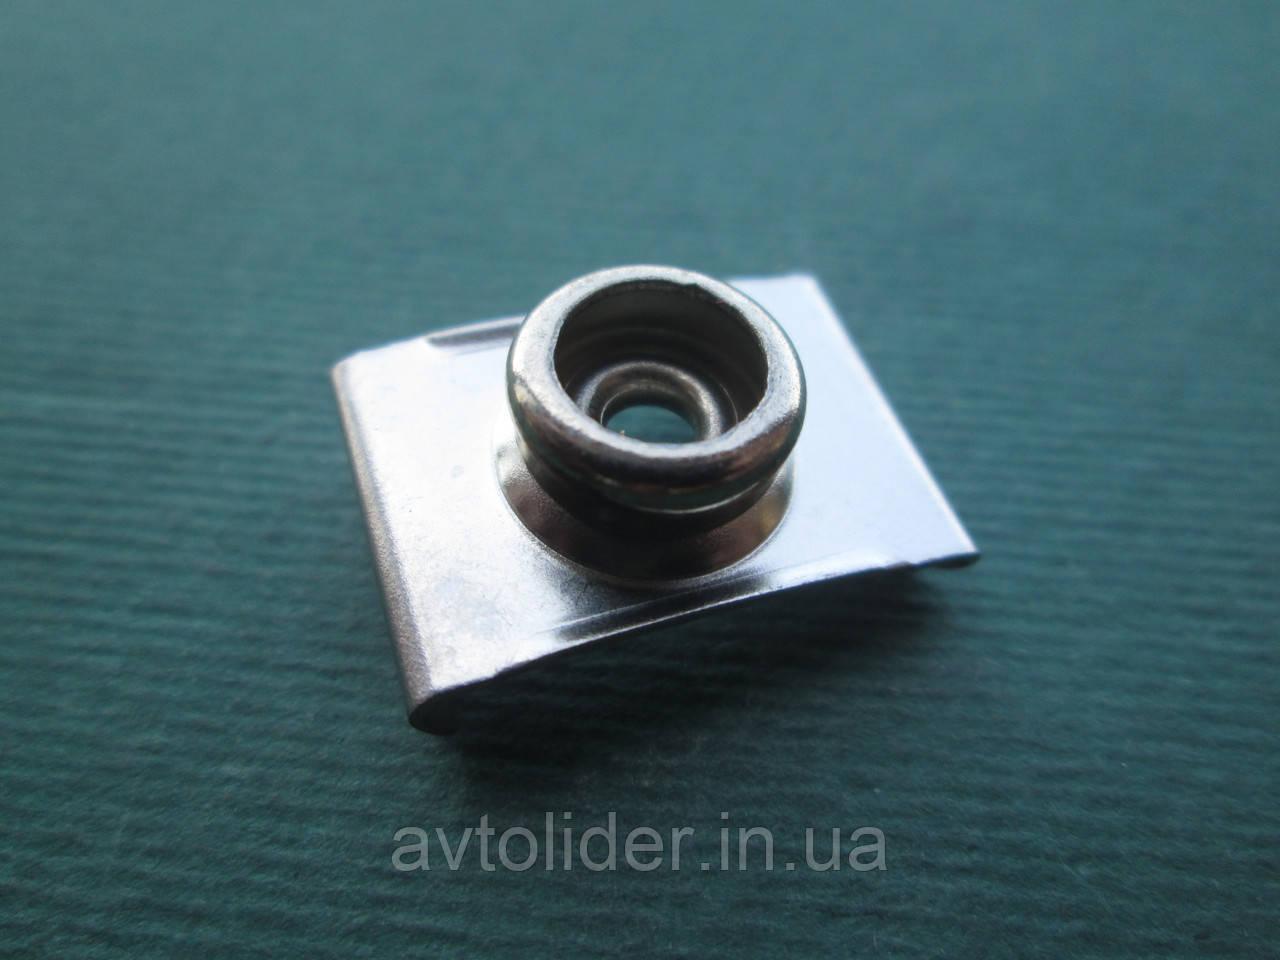 Durable DOT - Клипса для ветрового стекла - нижняя часть кнопки.